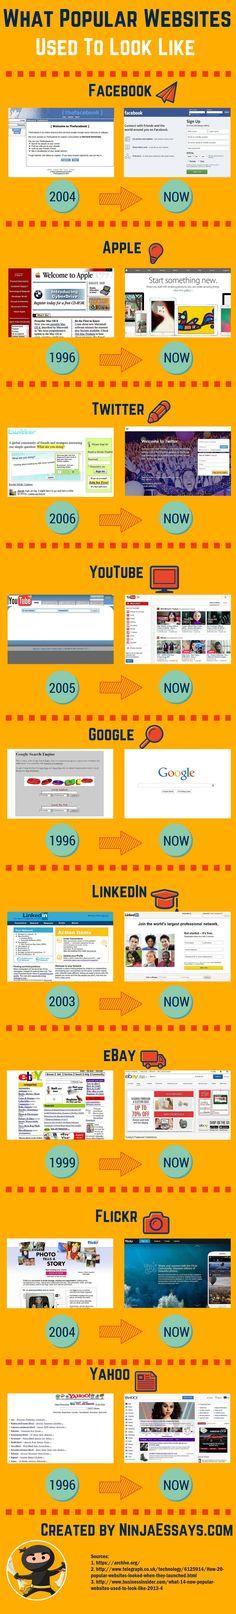 Evolutia webiste-urilor de top.